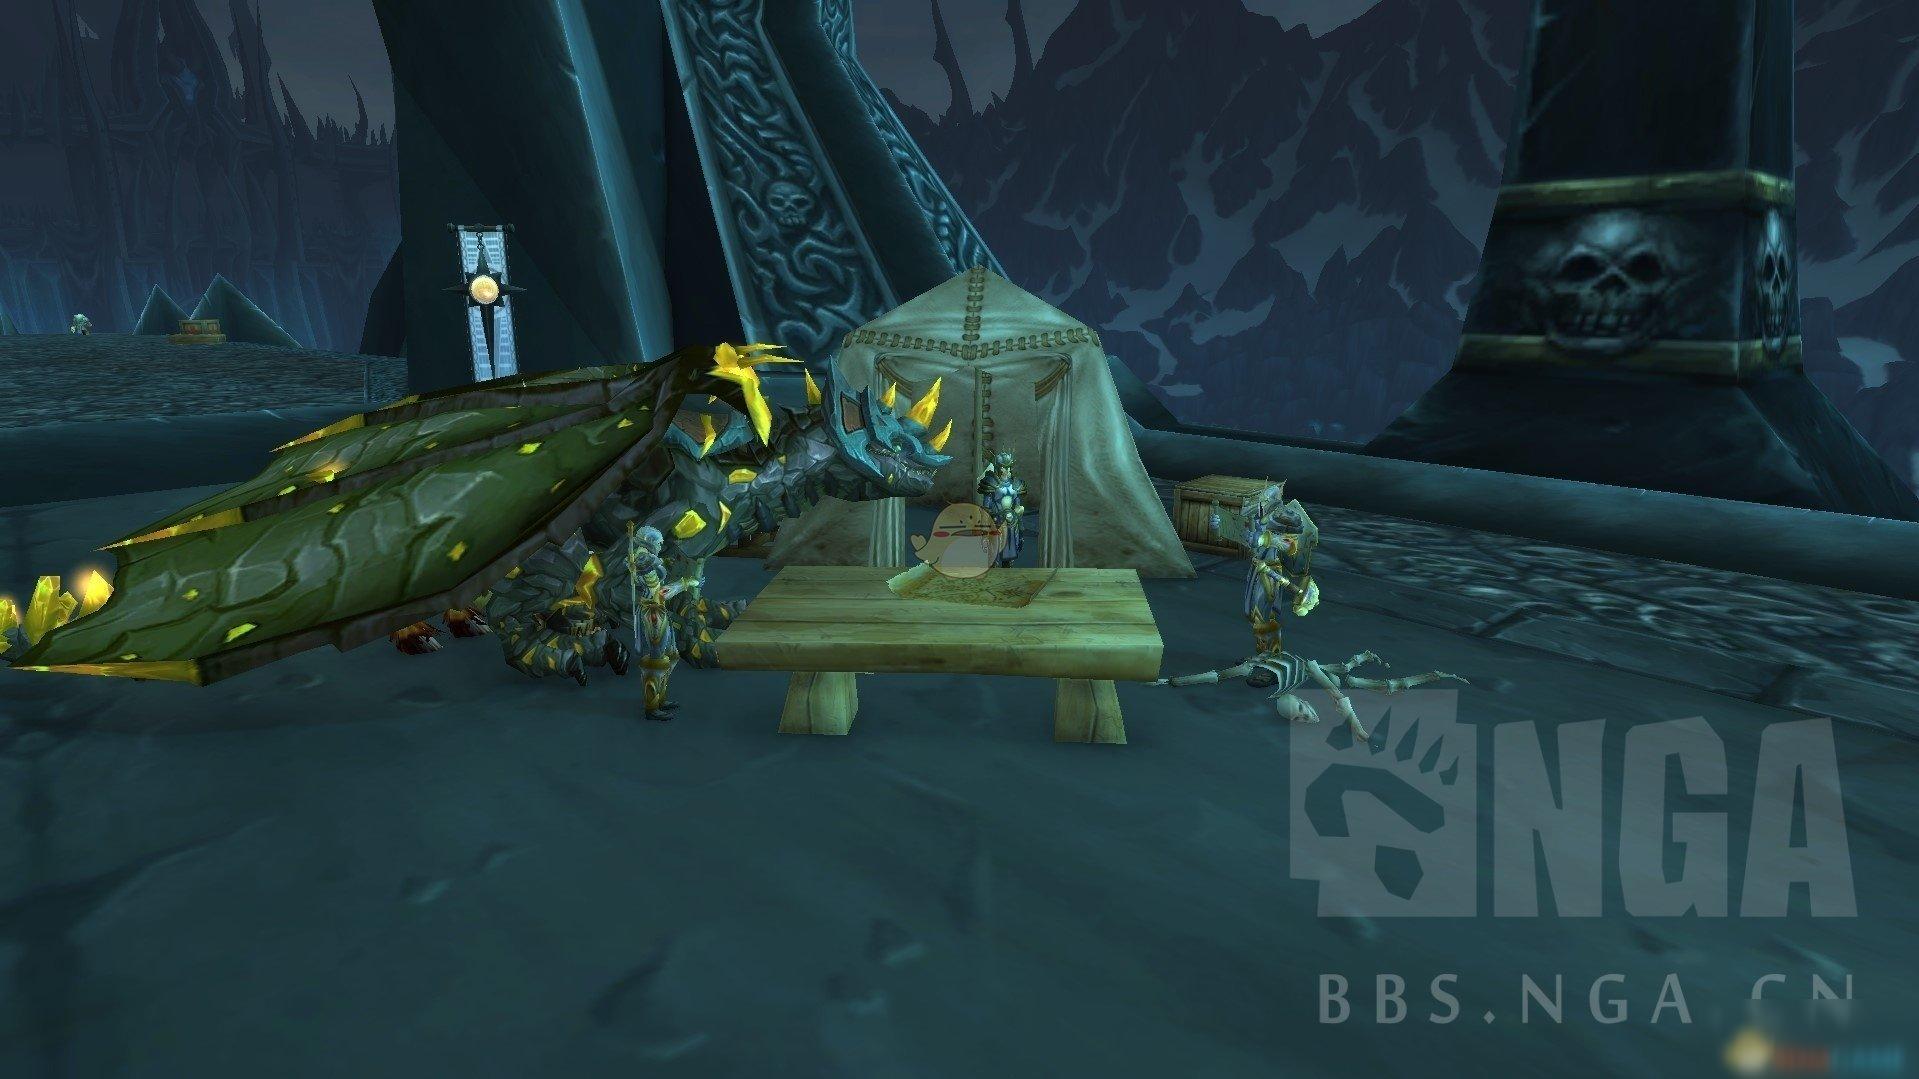 《魔兽世界》9.0前夕任务怎么接取 前夕任务接取方法